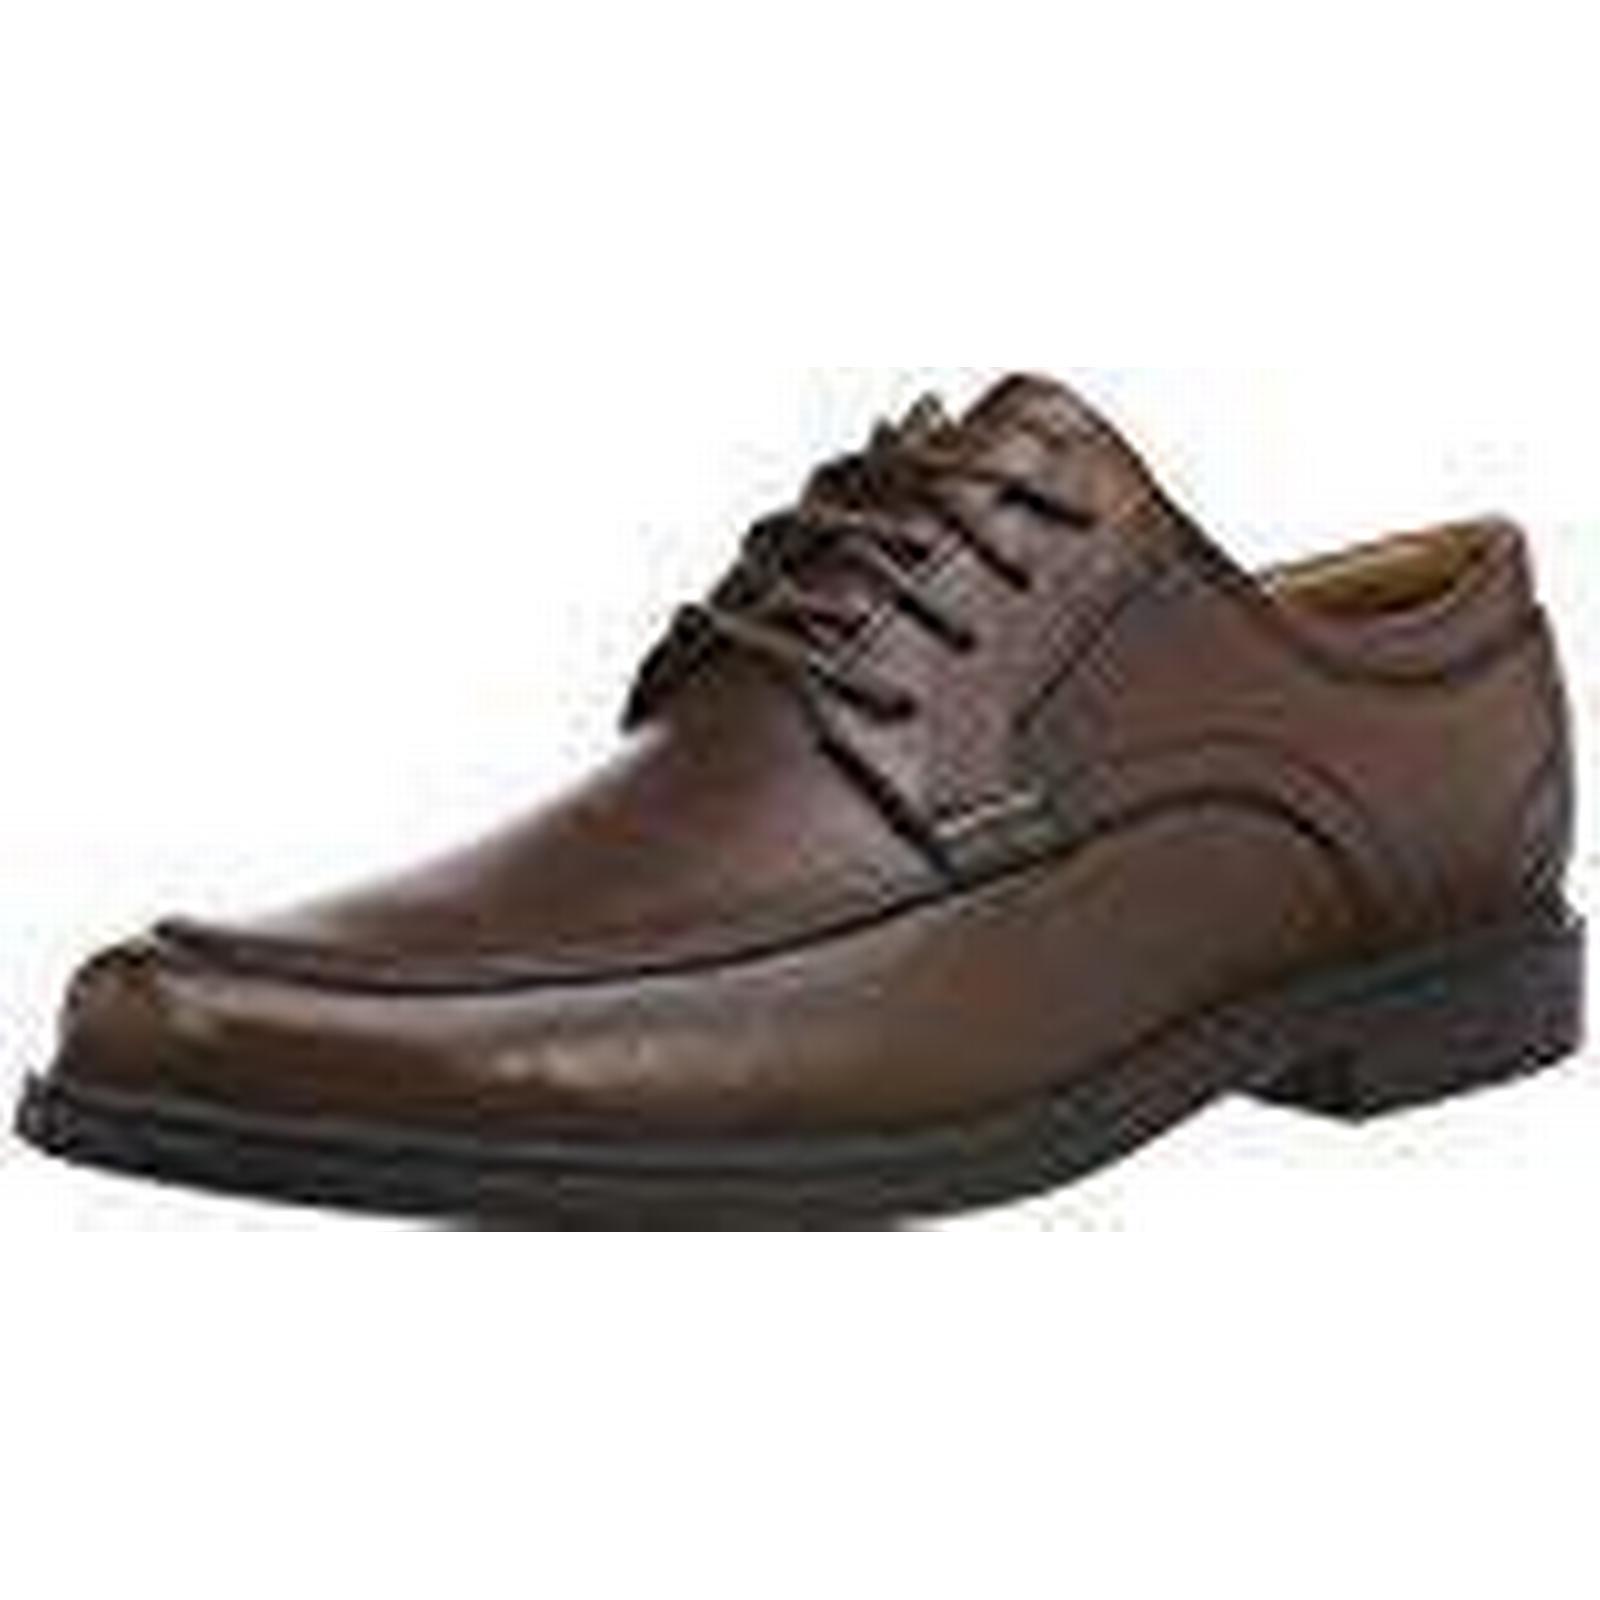 Clarks Men''s 8.5 Un Aldric Park Derbys, Brown (Tan Leather), 8.5 Men''s UK 8.5 UK 5ad746